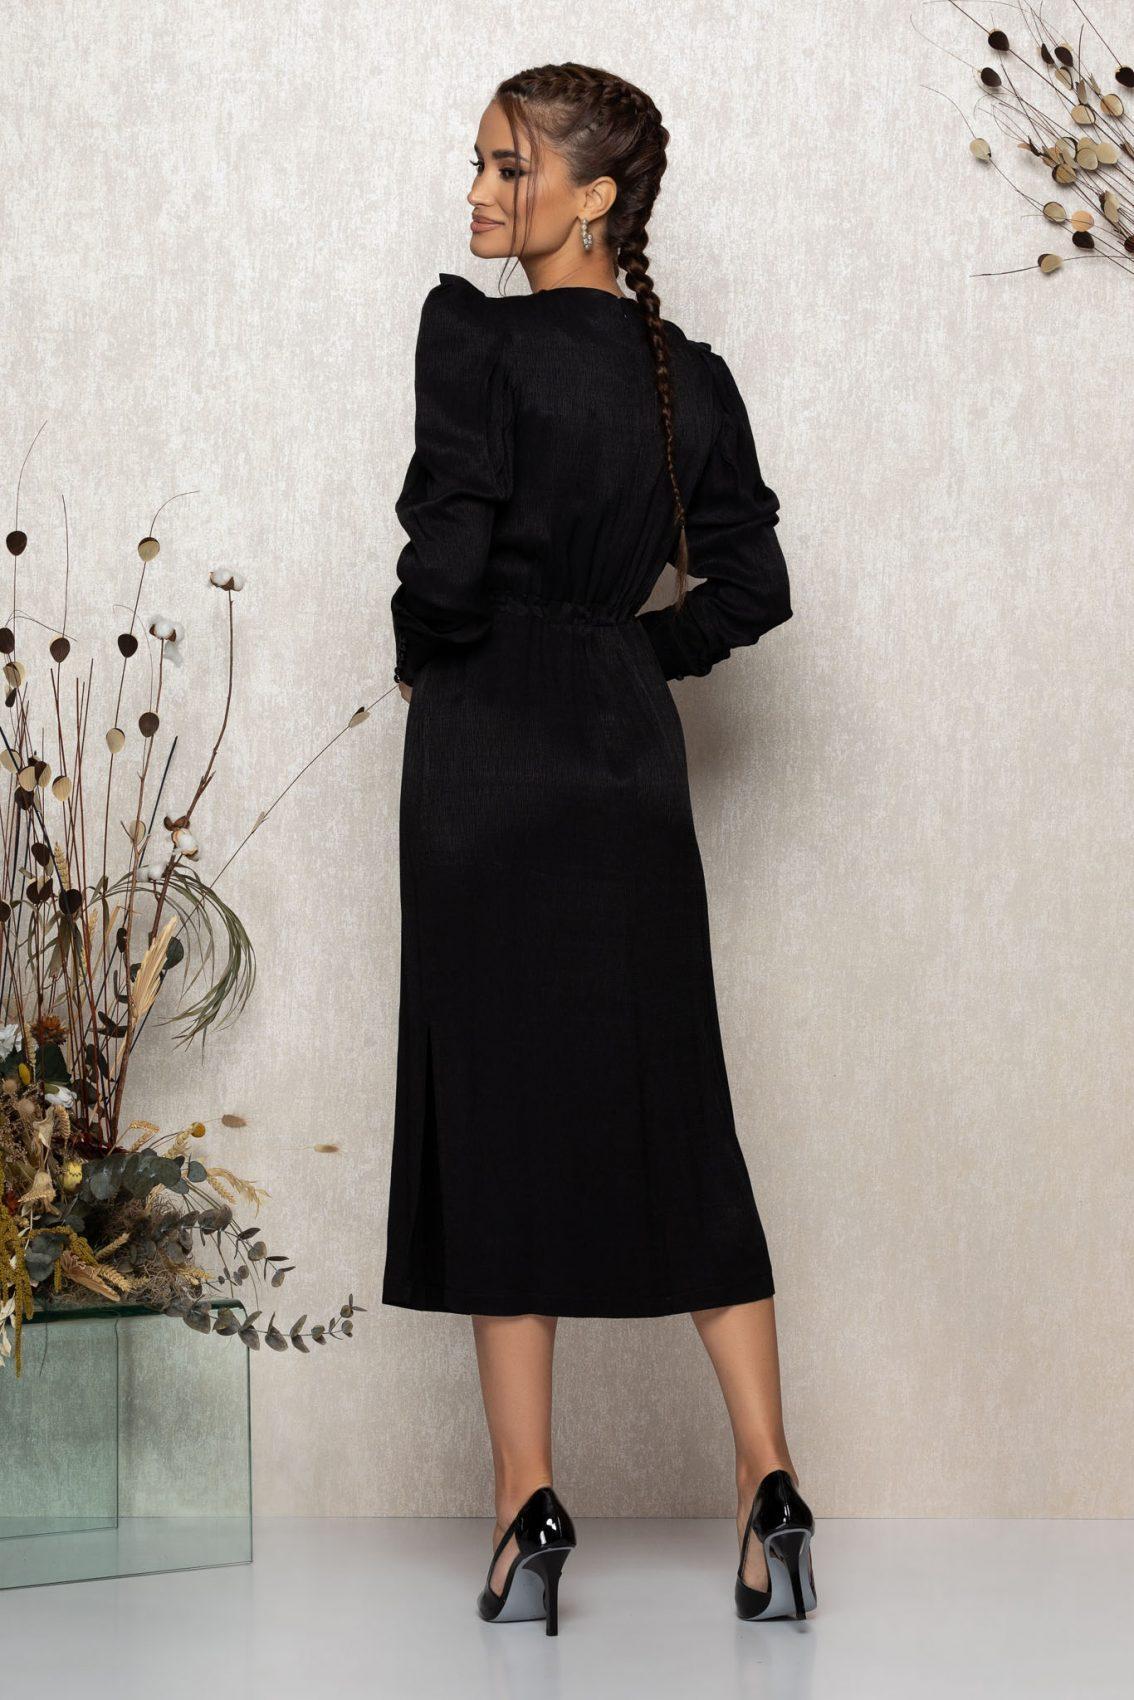 Μαύρο Μίντι Μακρυμάνικο Βραδινό Φόρεμα Brisha T346 6